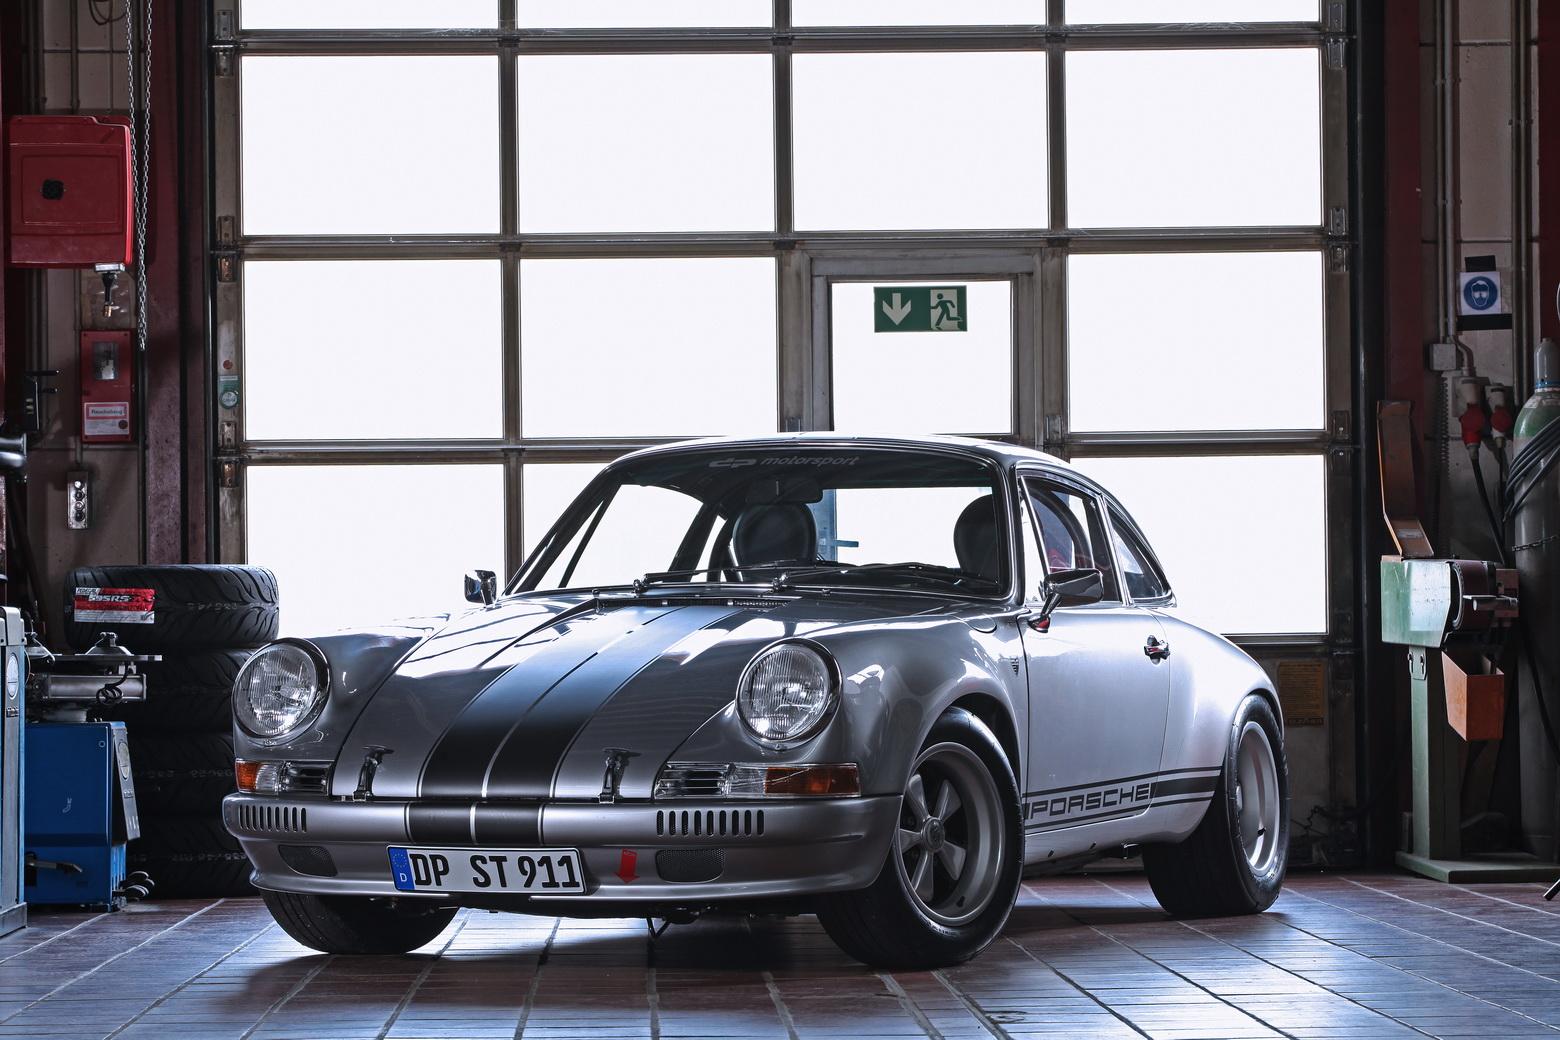 Porsche-911-S-T-1985-by-dp-Motorsport-1